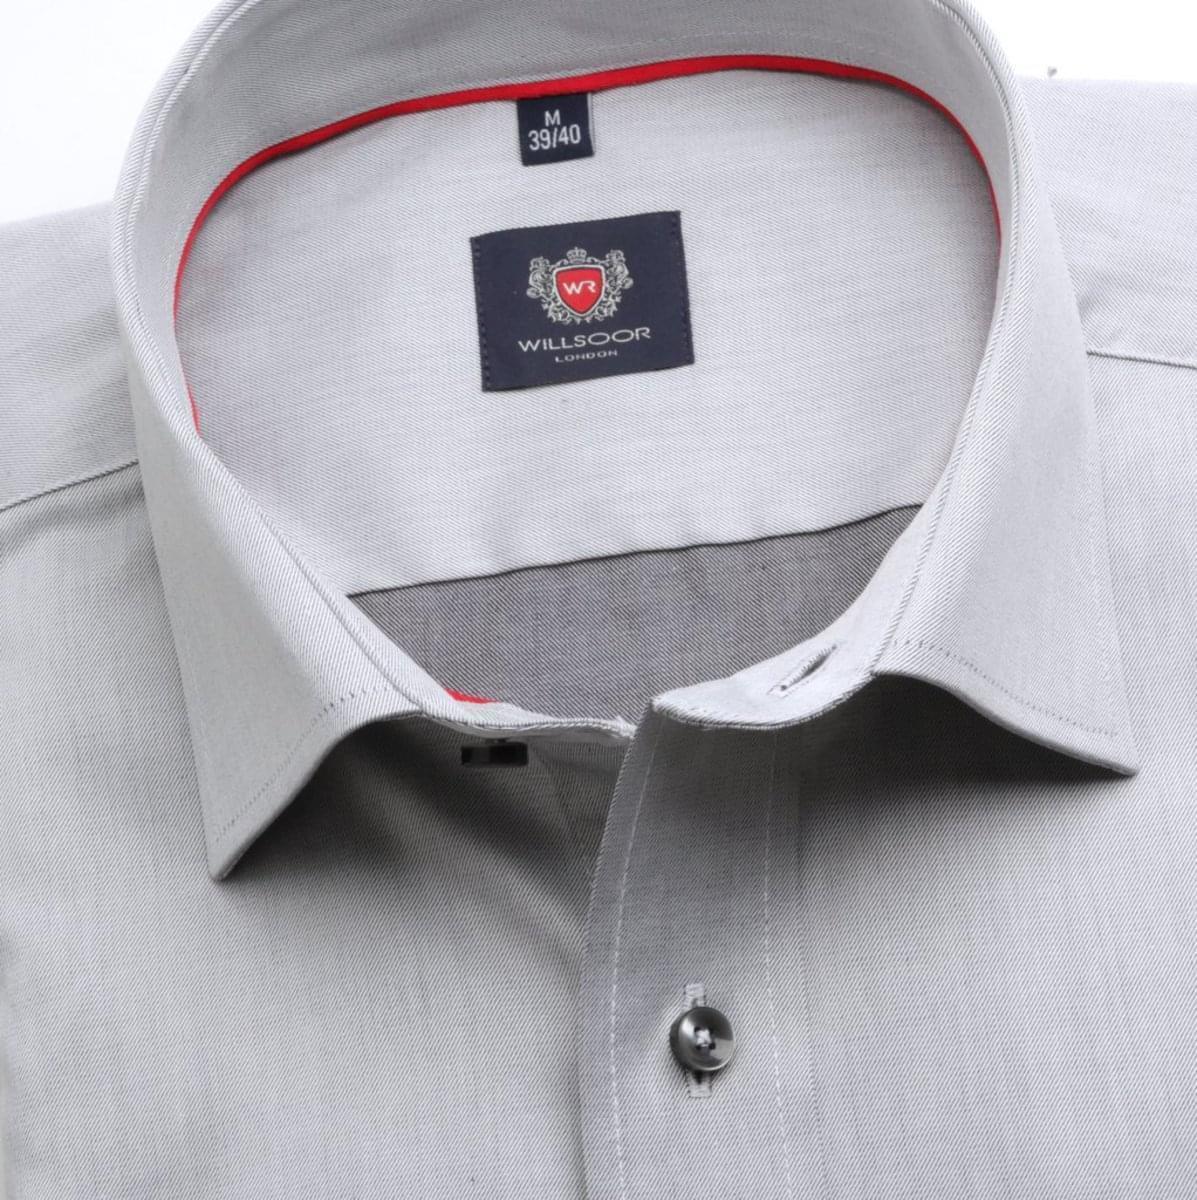 Pánská klasická košile London (výška 188-194) 6756 v šedé barvě s formulí Easy Care 188-194 / L (41/42)